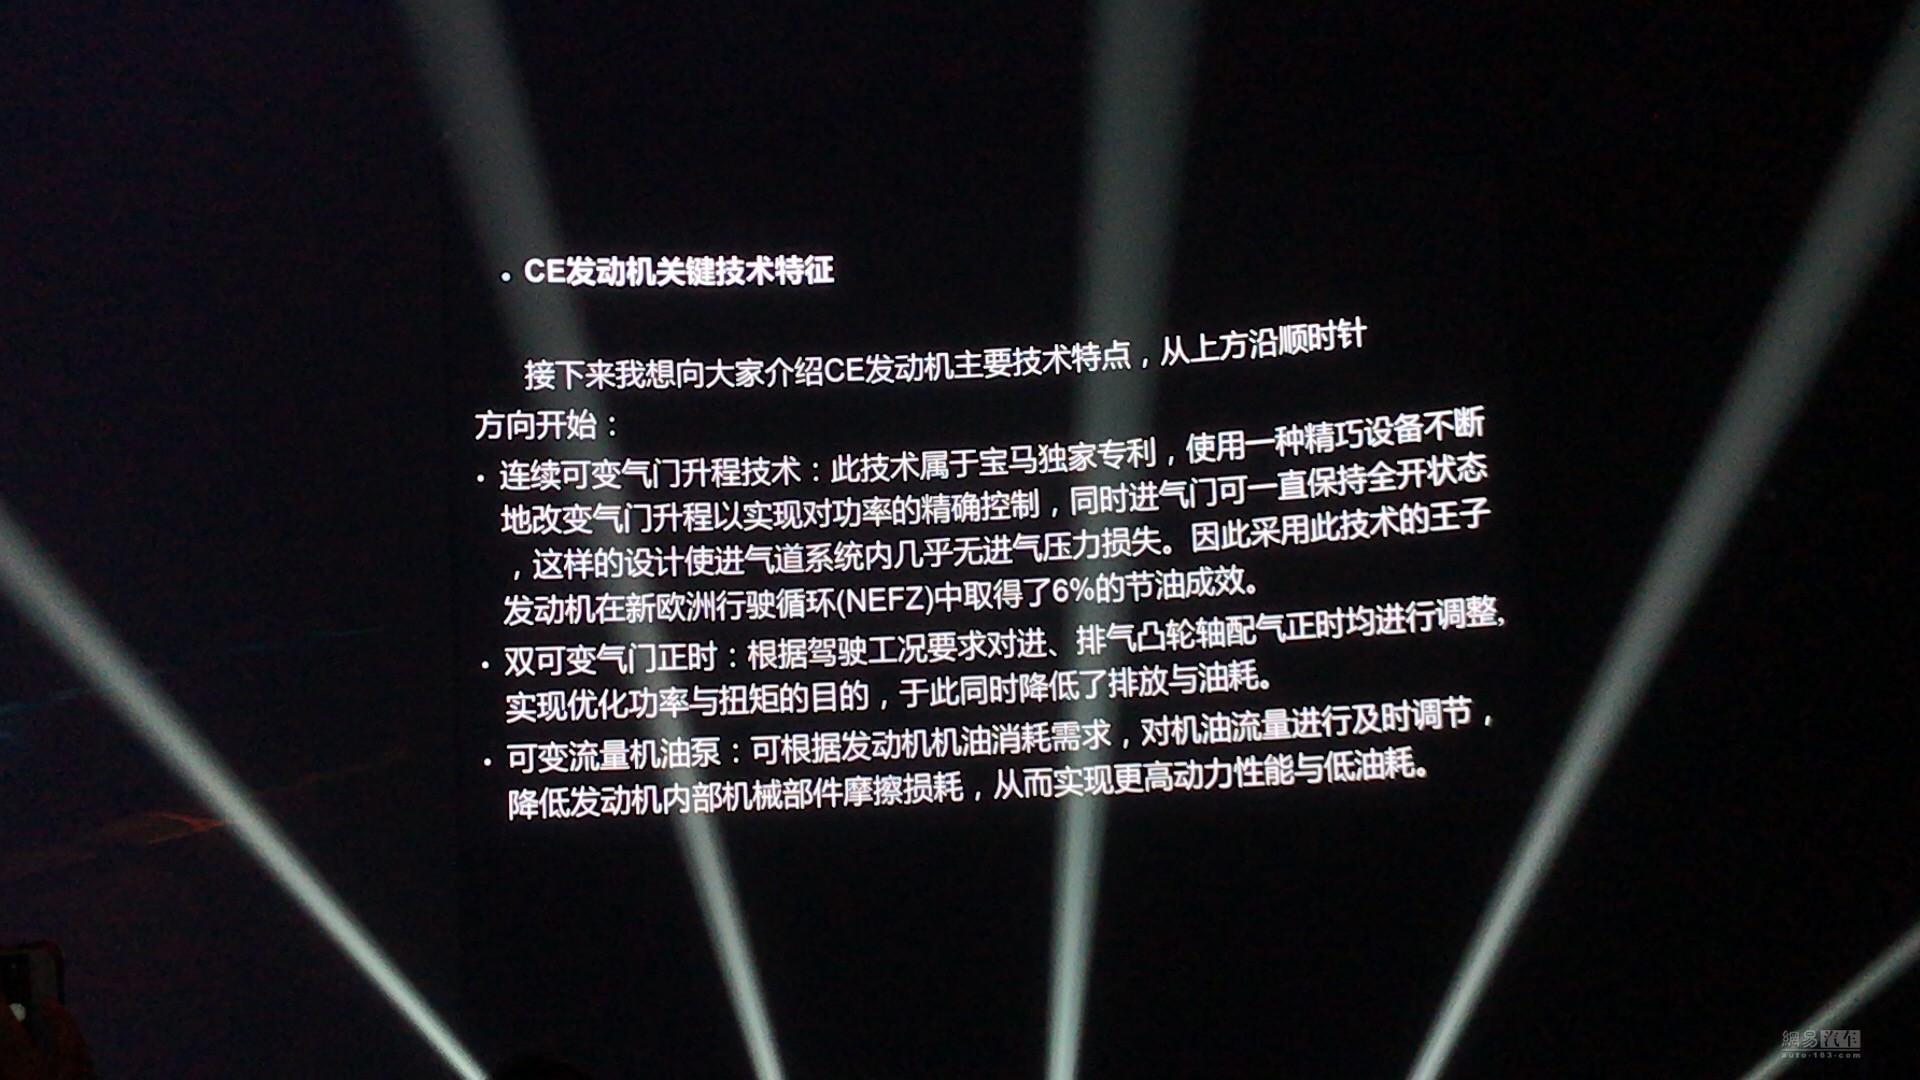 中华V7之夜(草稿)